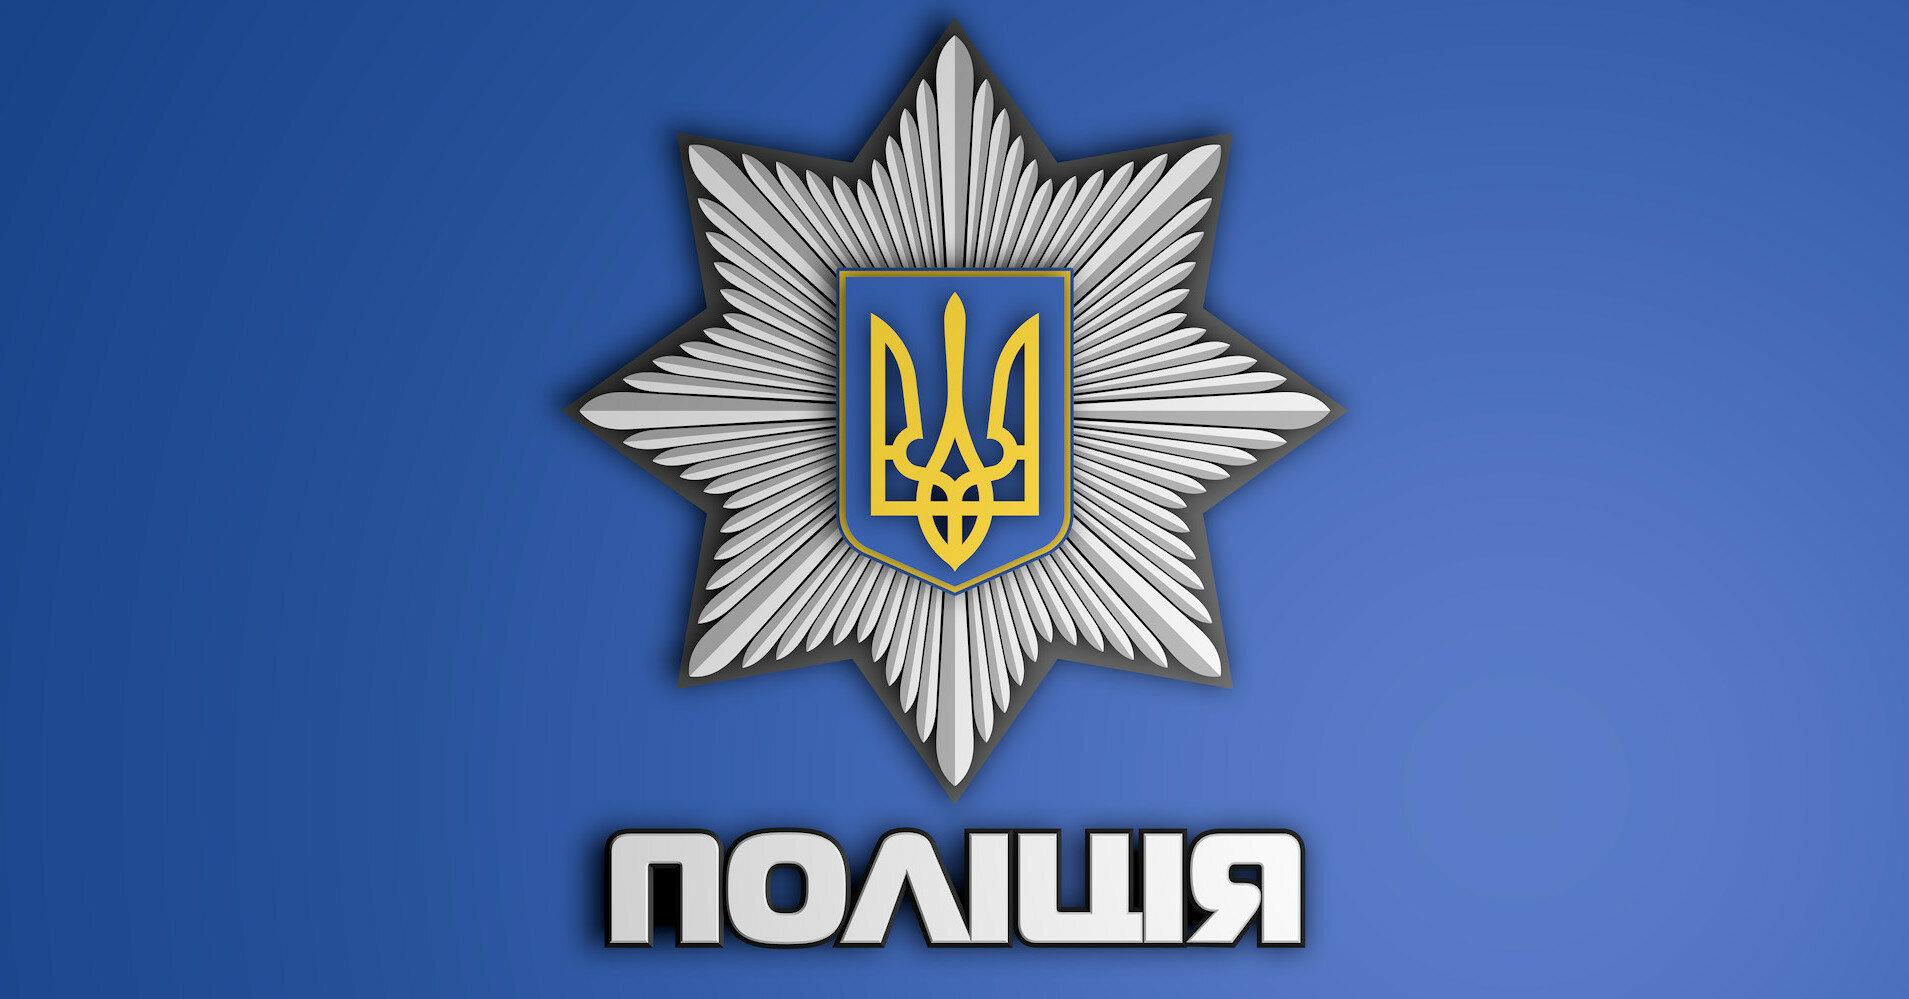 В Шевченковском районе Киева в доме произошел взрыв: 1 пострадавший